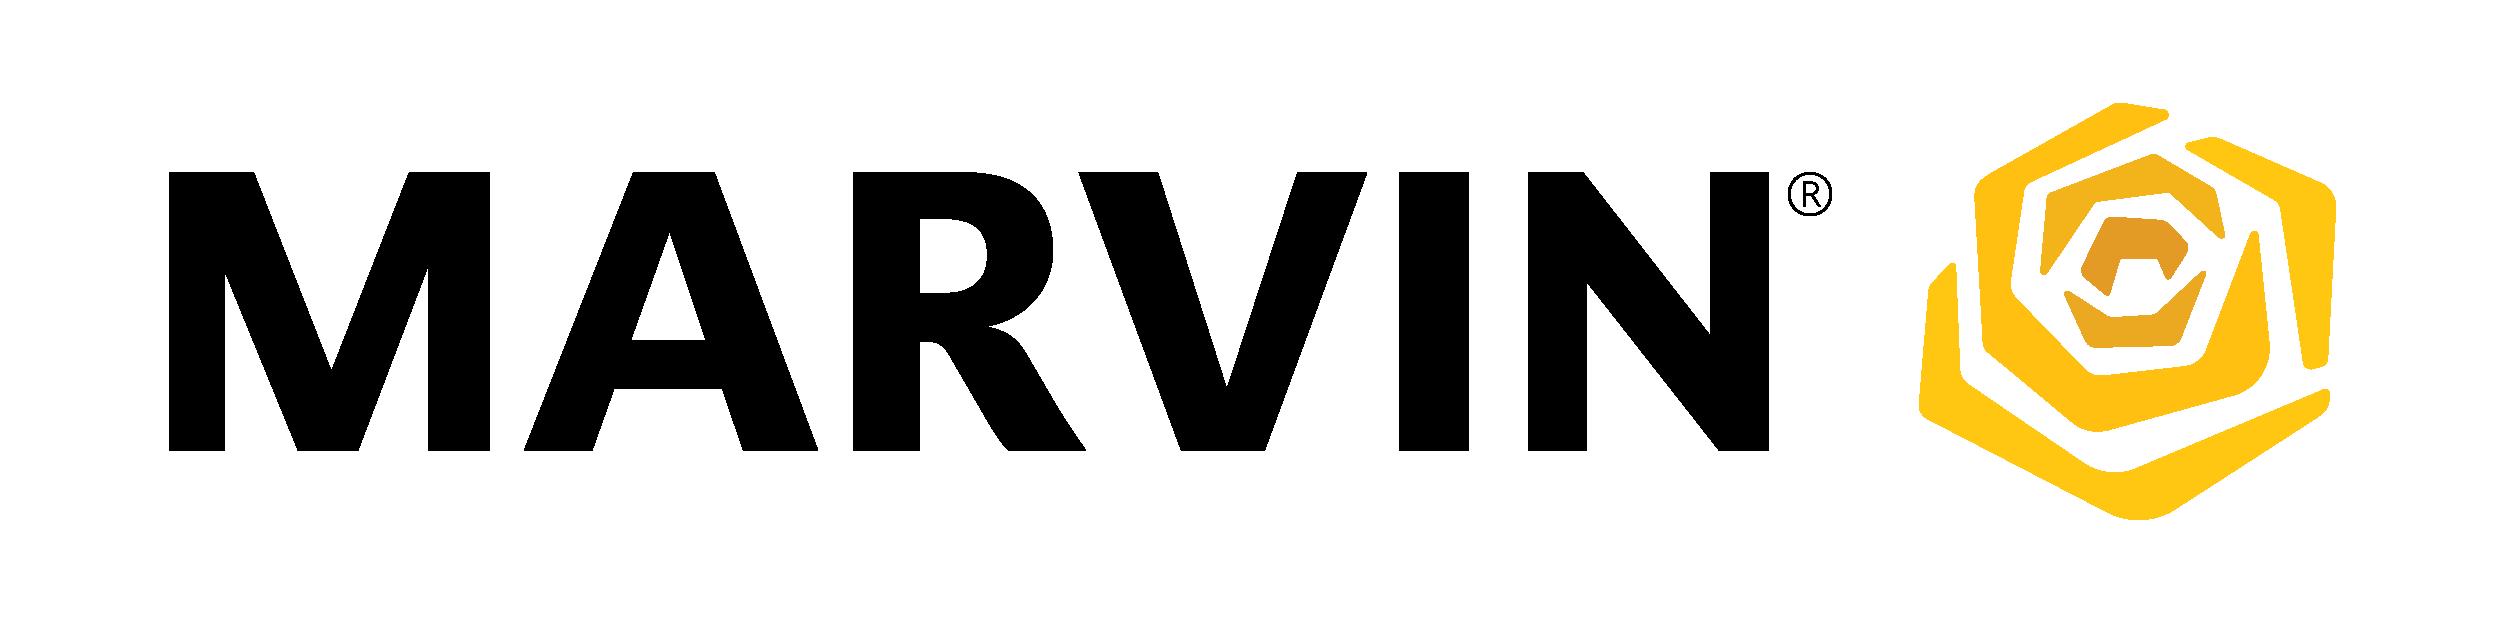 marvin-logo-600